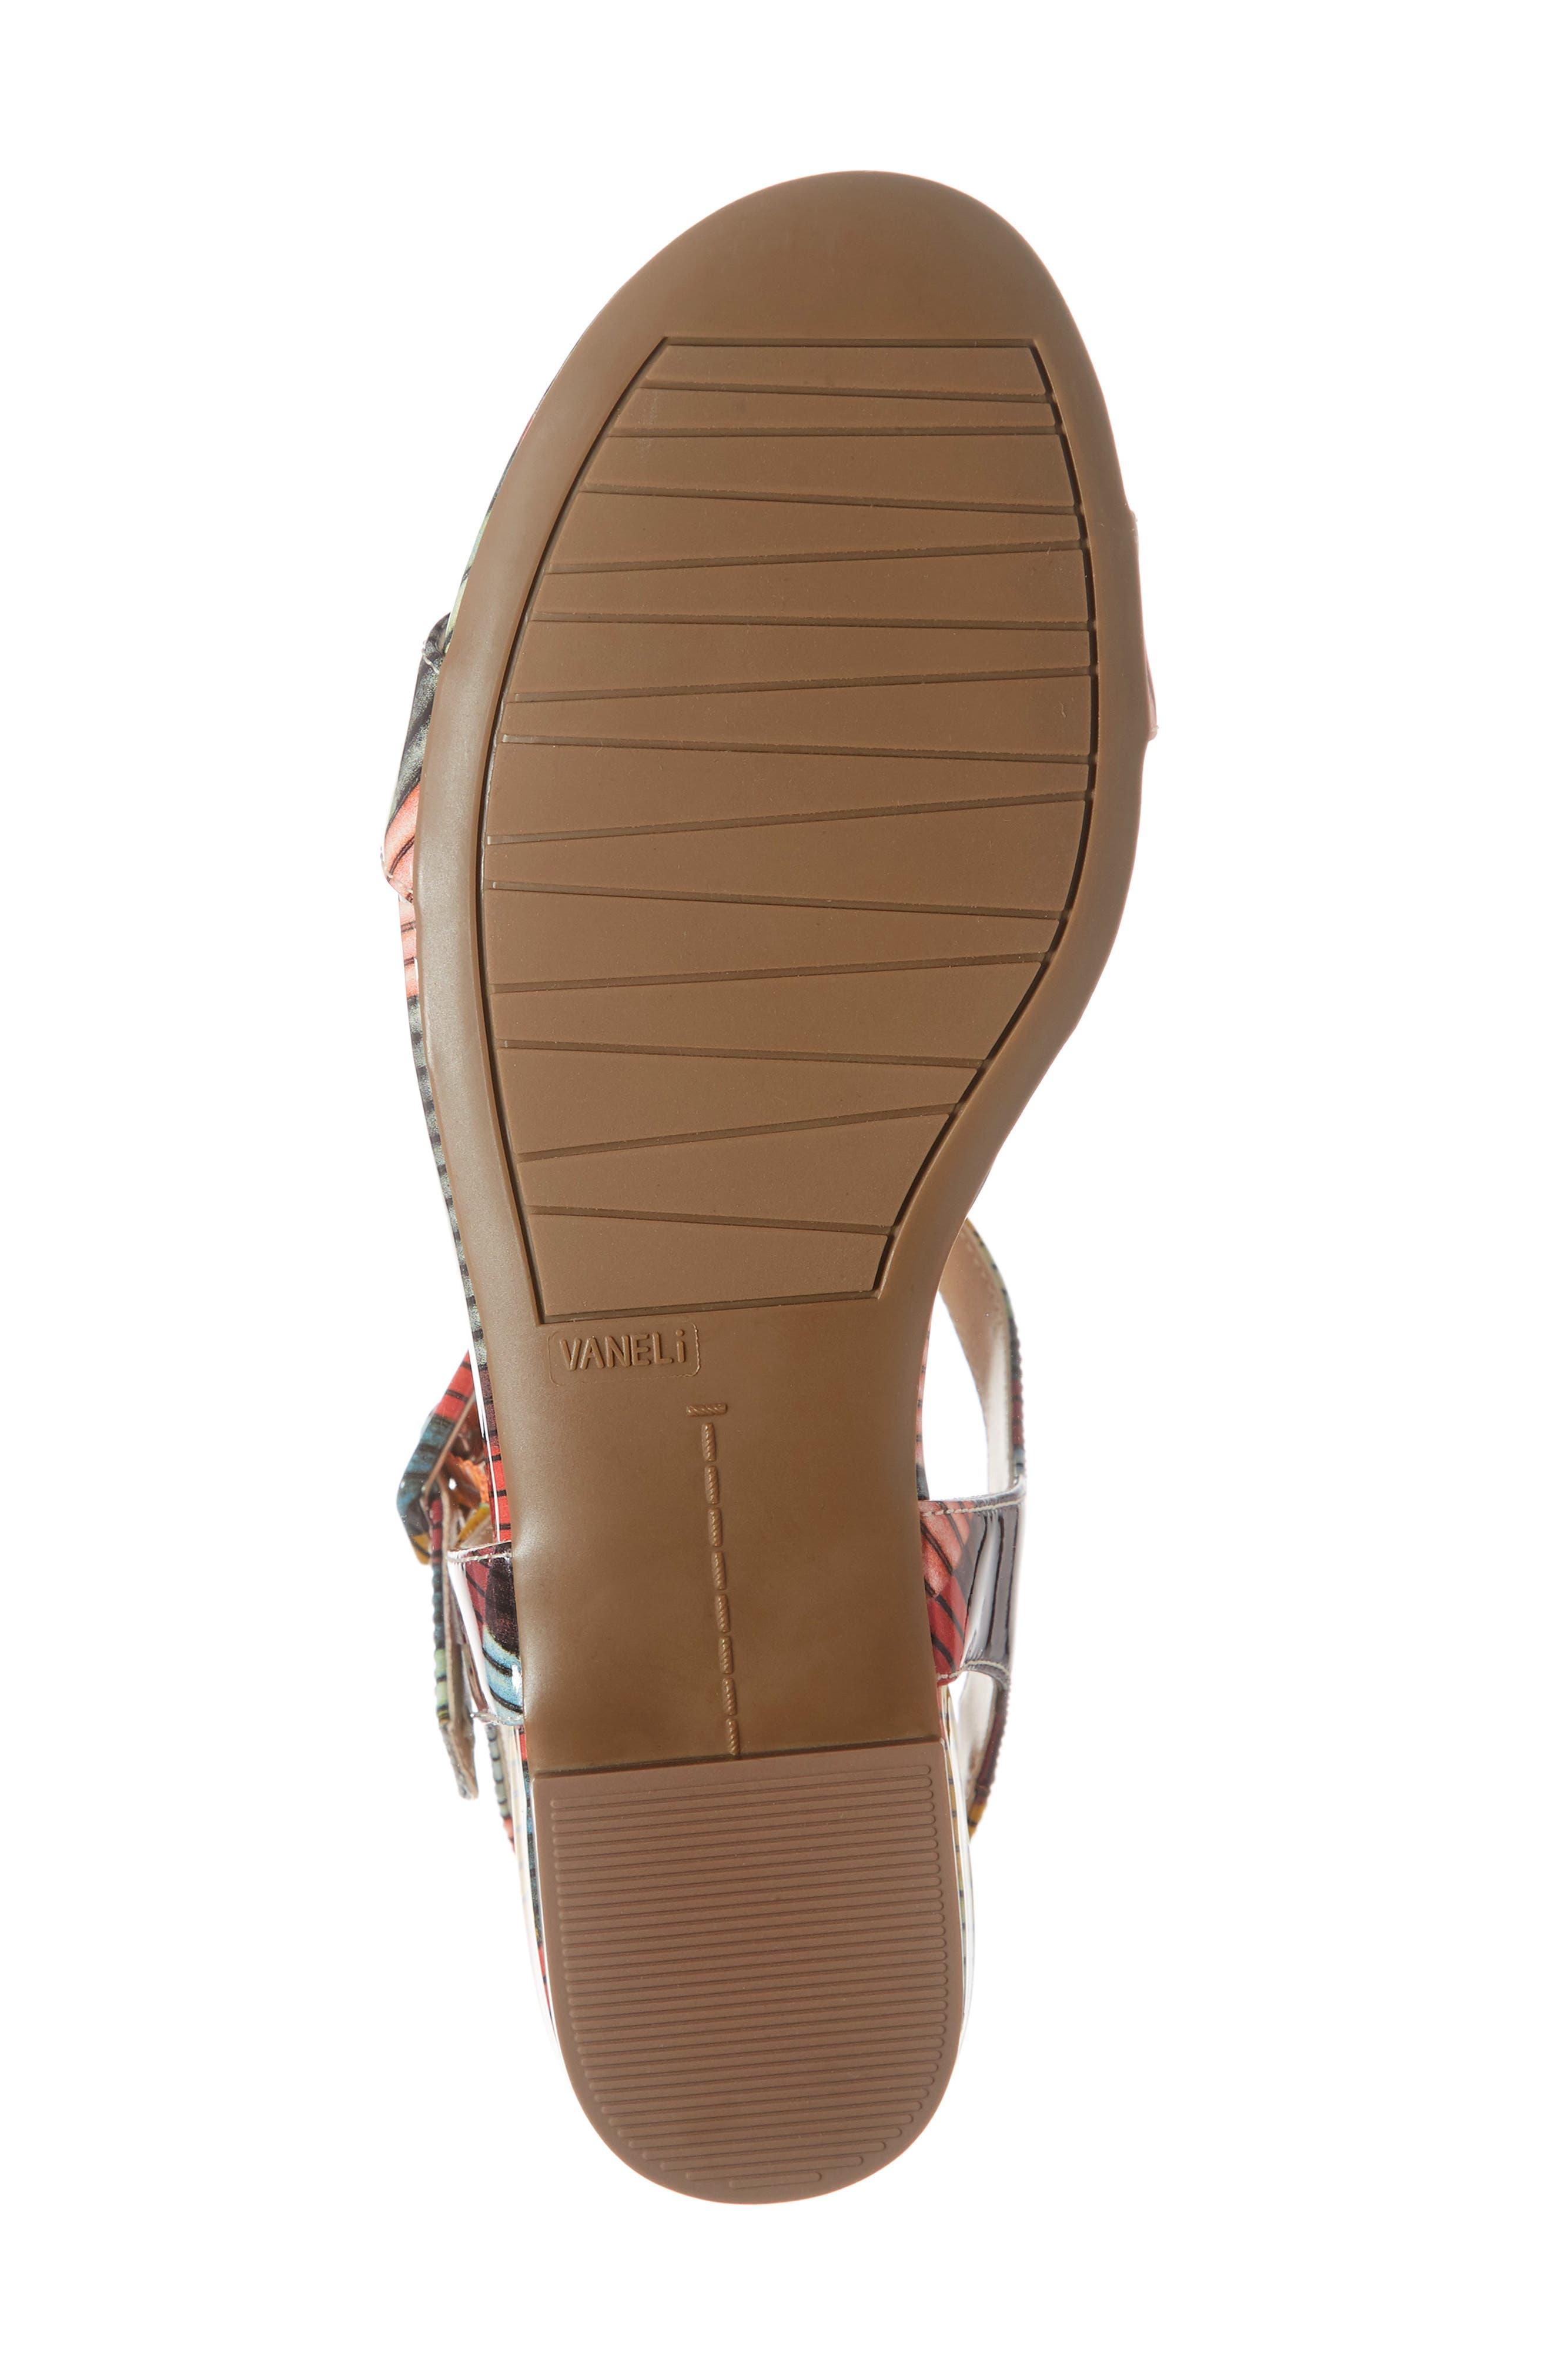 VANELI, Burlie T-Strap Sandal, Alternate thumbnail 6, color, MULTICOLOR PATENT LEATHER